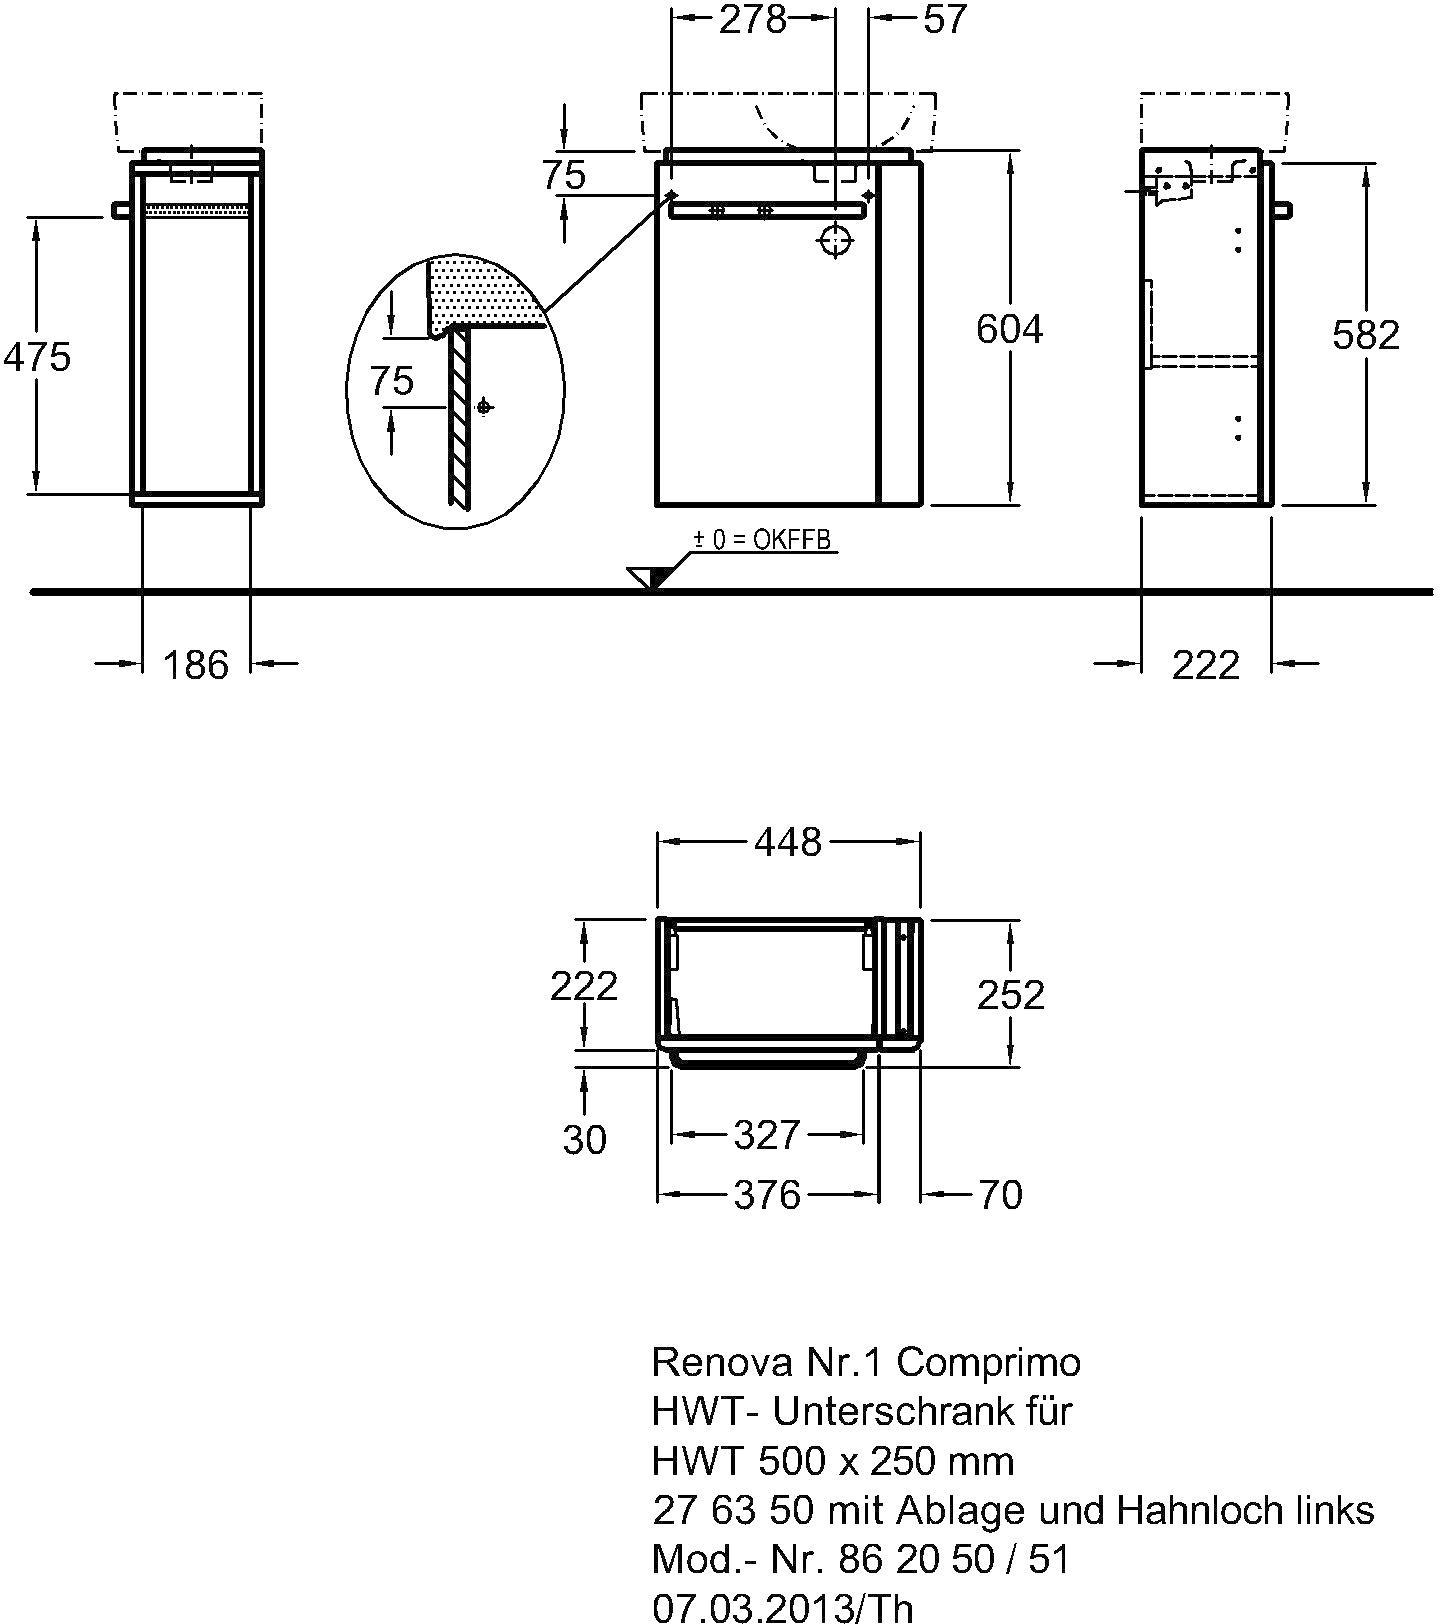 Keramag Renova Nr1 Comprimo Handwaschbecken Unterschrank Mit